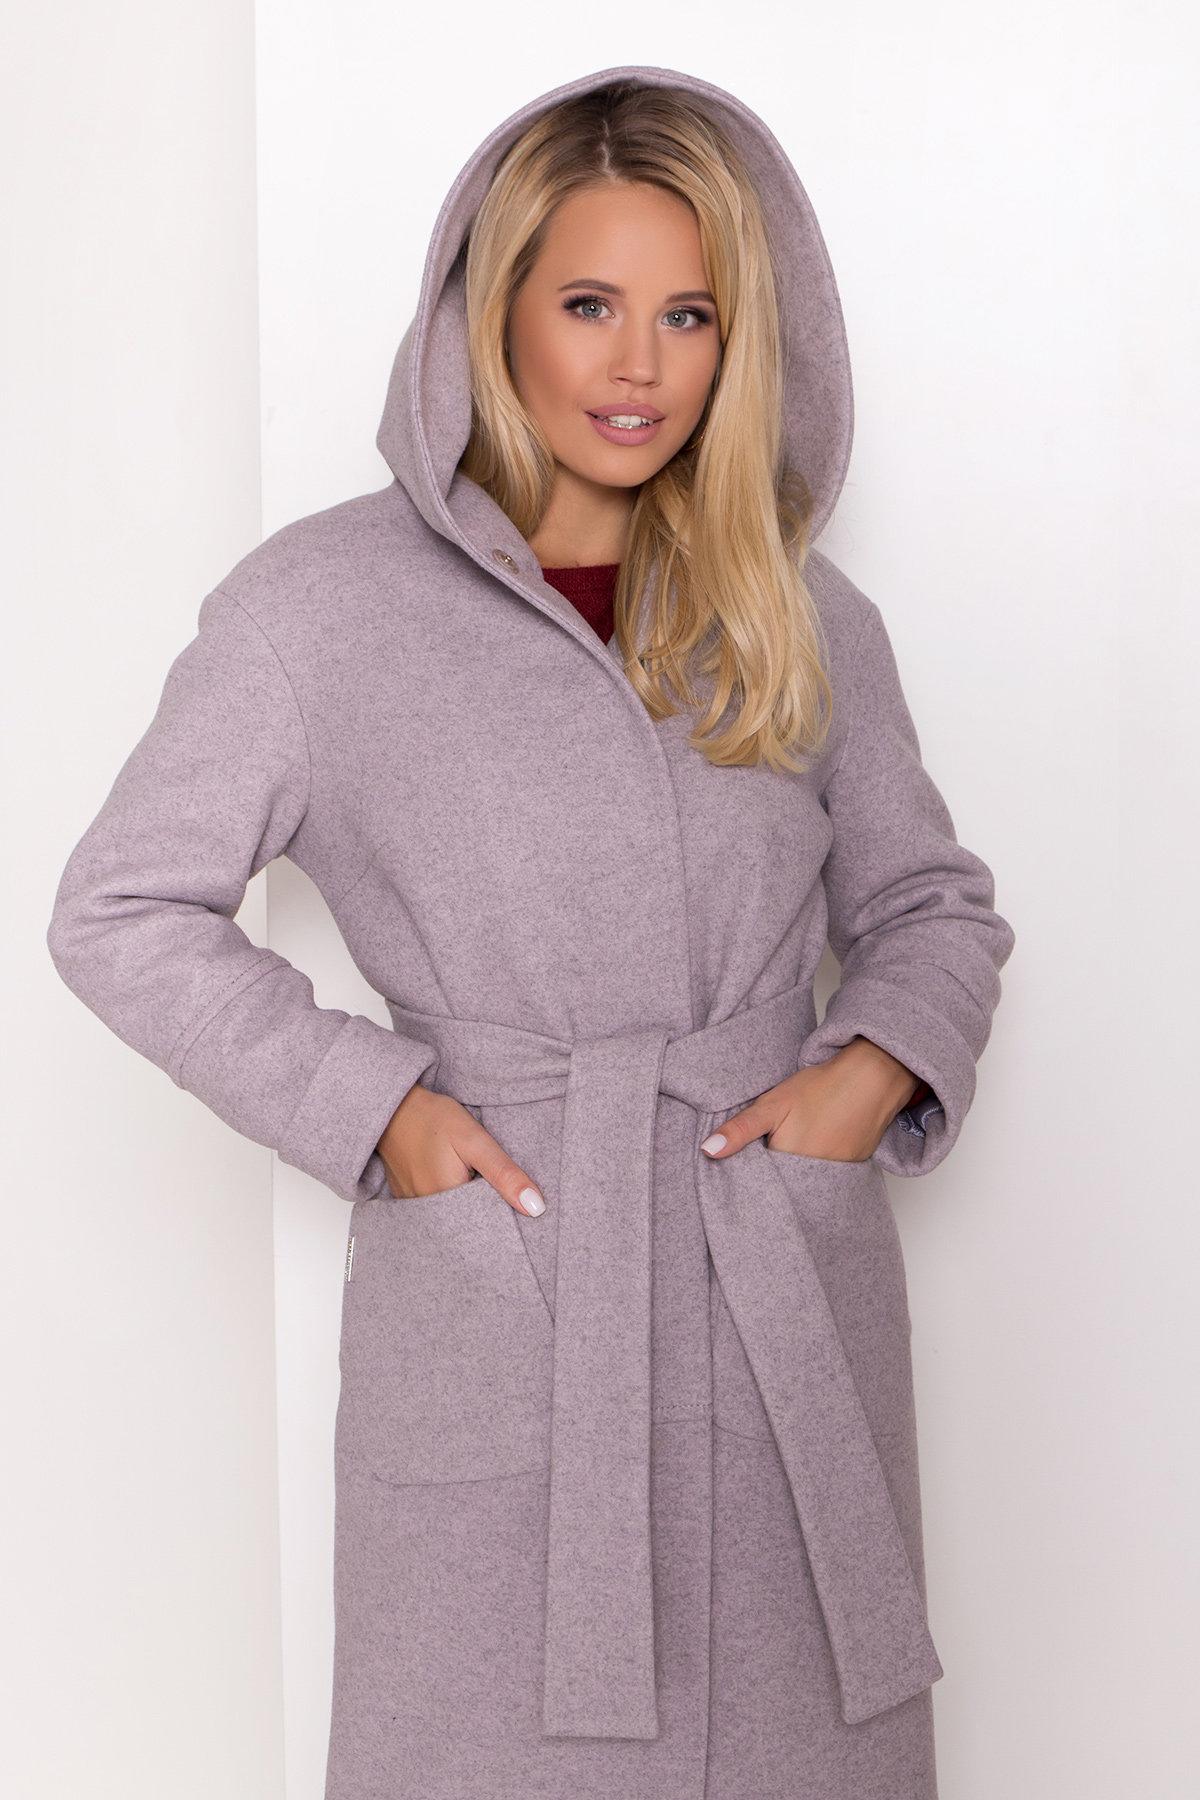 Утепленное пальто с капюшоном на зиму Анита классик 8213 Цвет: Серо-розовый 46